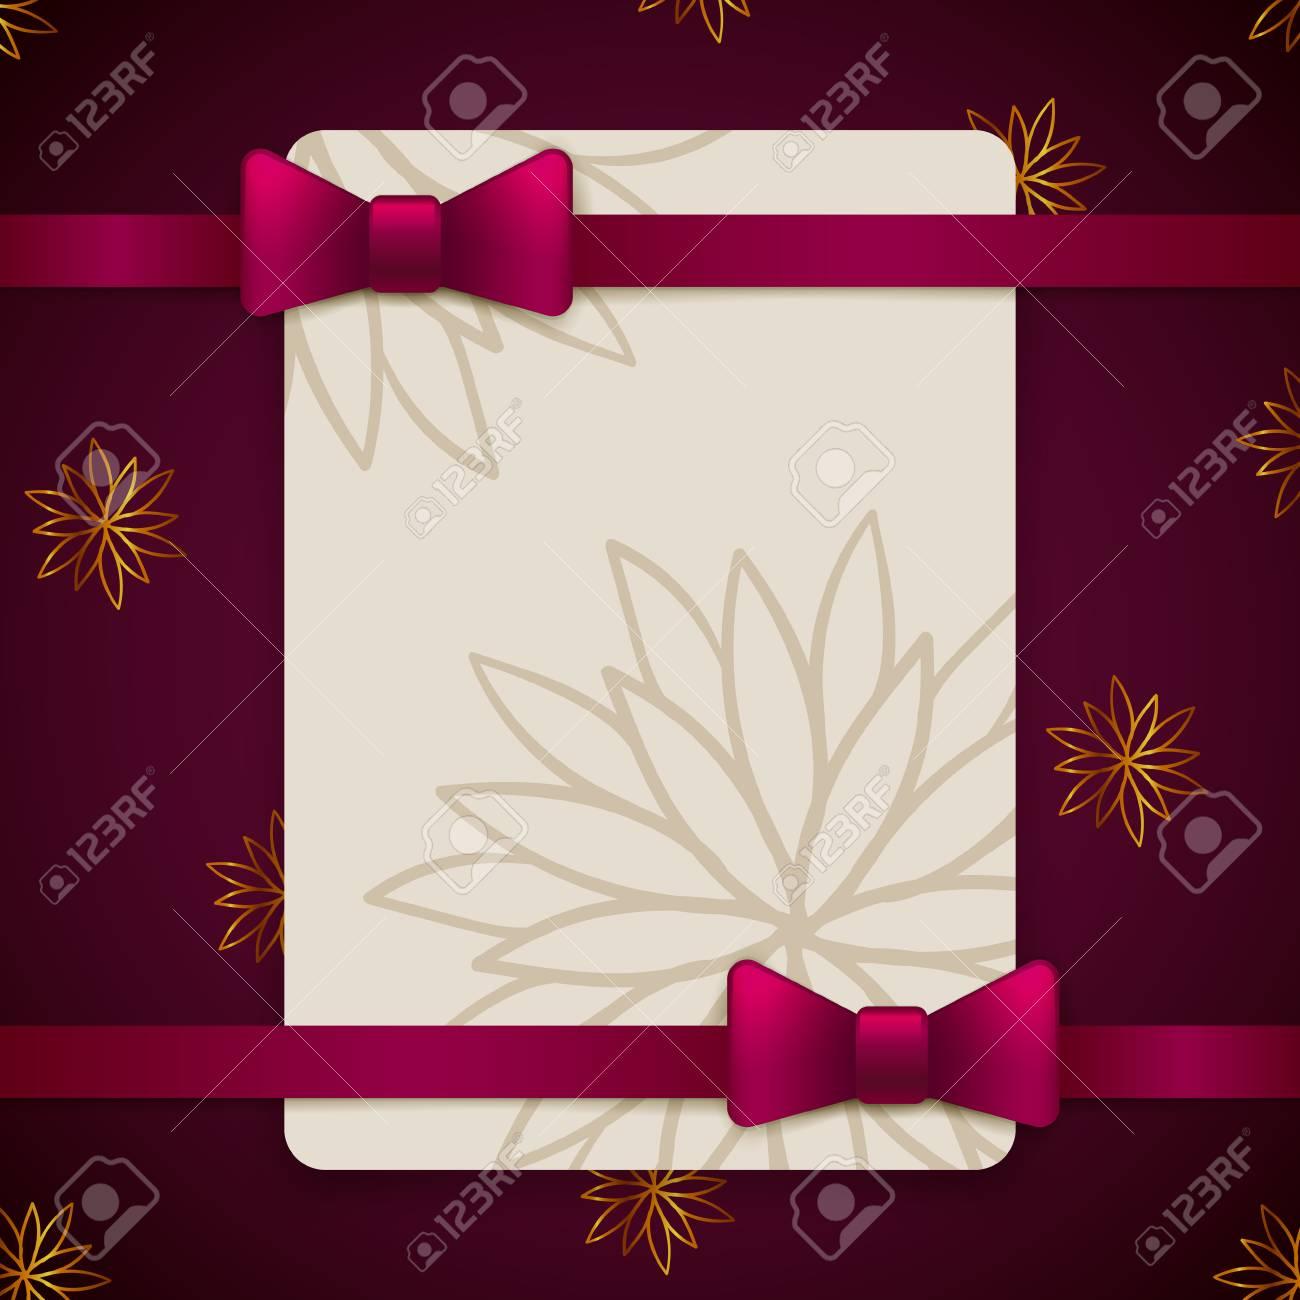 Plantilla De Tarjeta De Felicitación Vintage Violeta Y Oro Con Arco Y Cinta Diseño De Invitación De Boda De Vector Diseño De Plantilla De